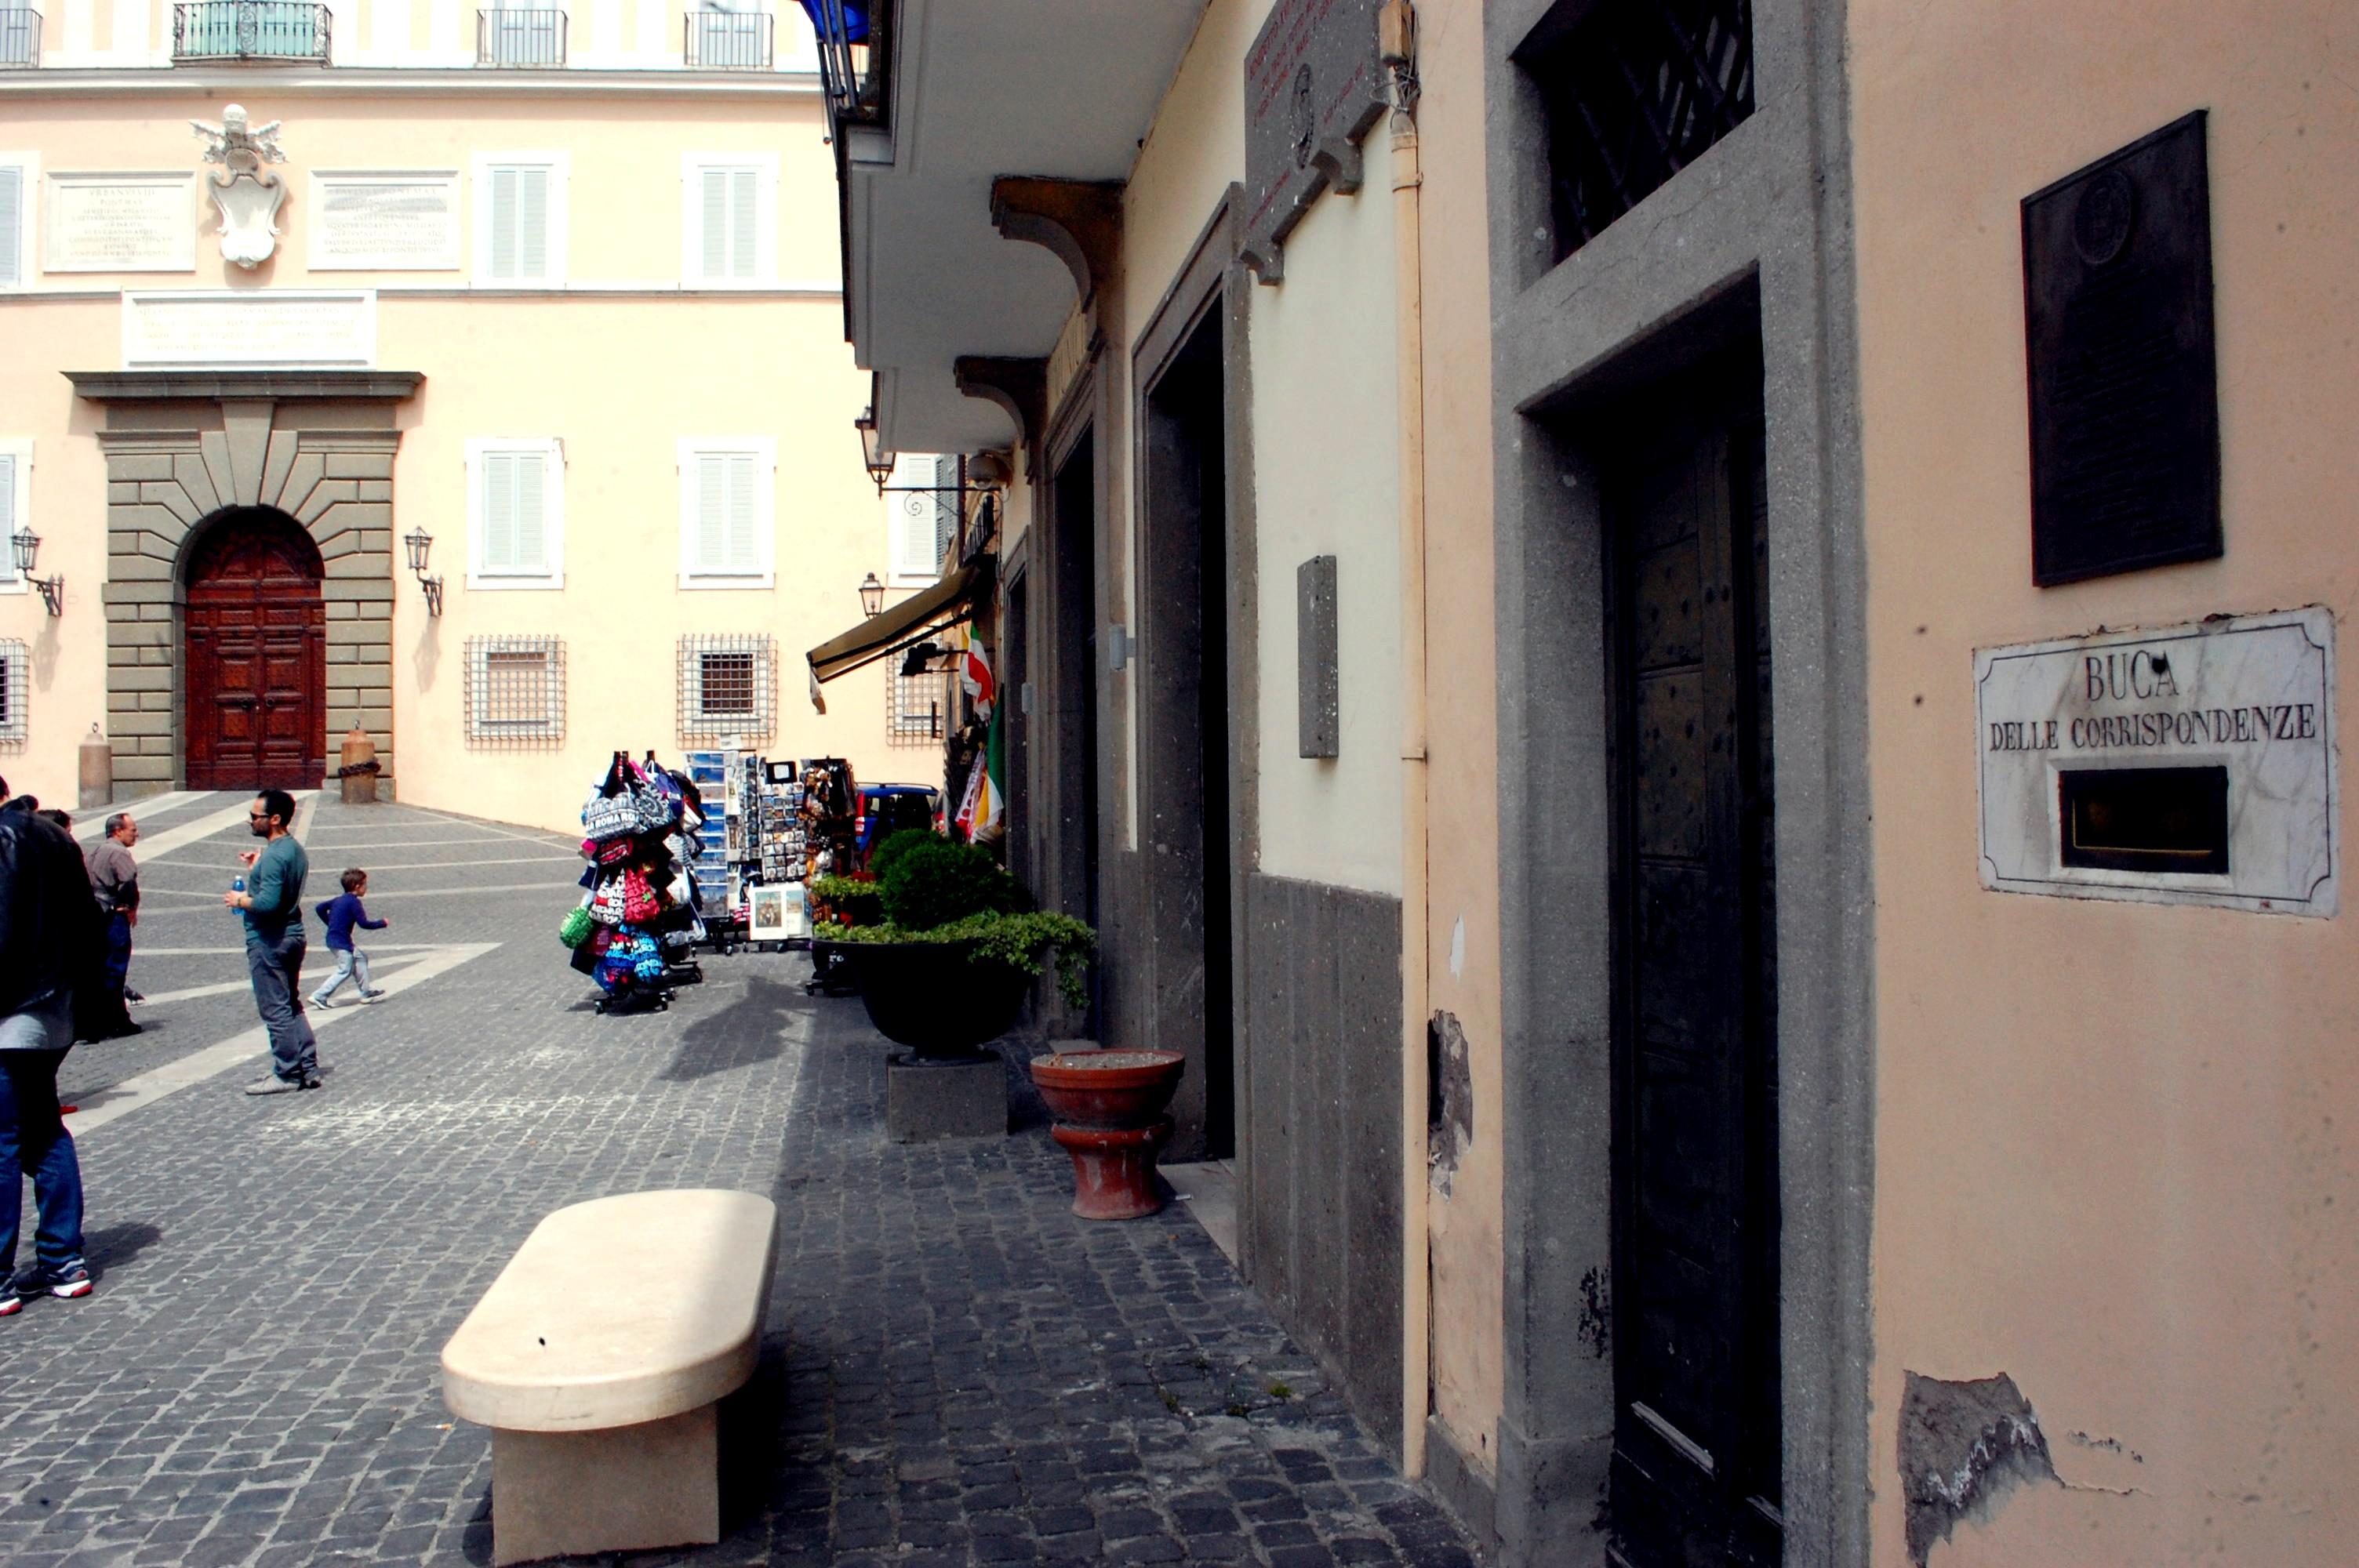 The first mailbox in the world, Castel Gandolfo